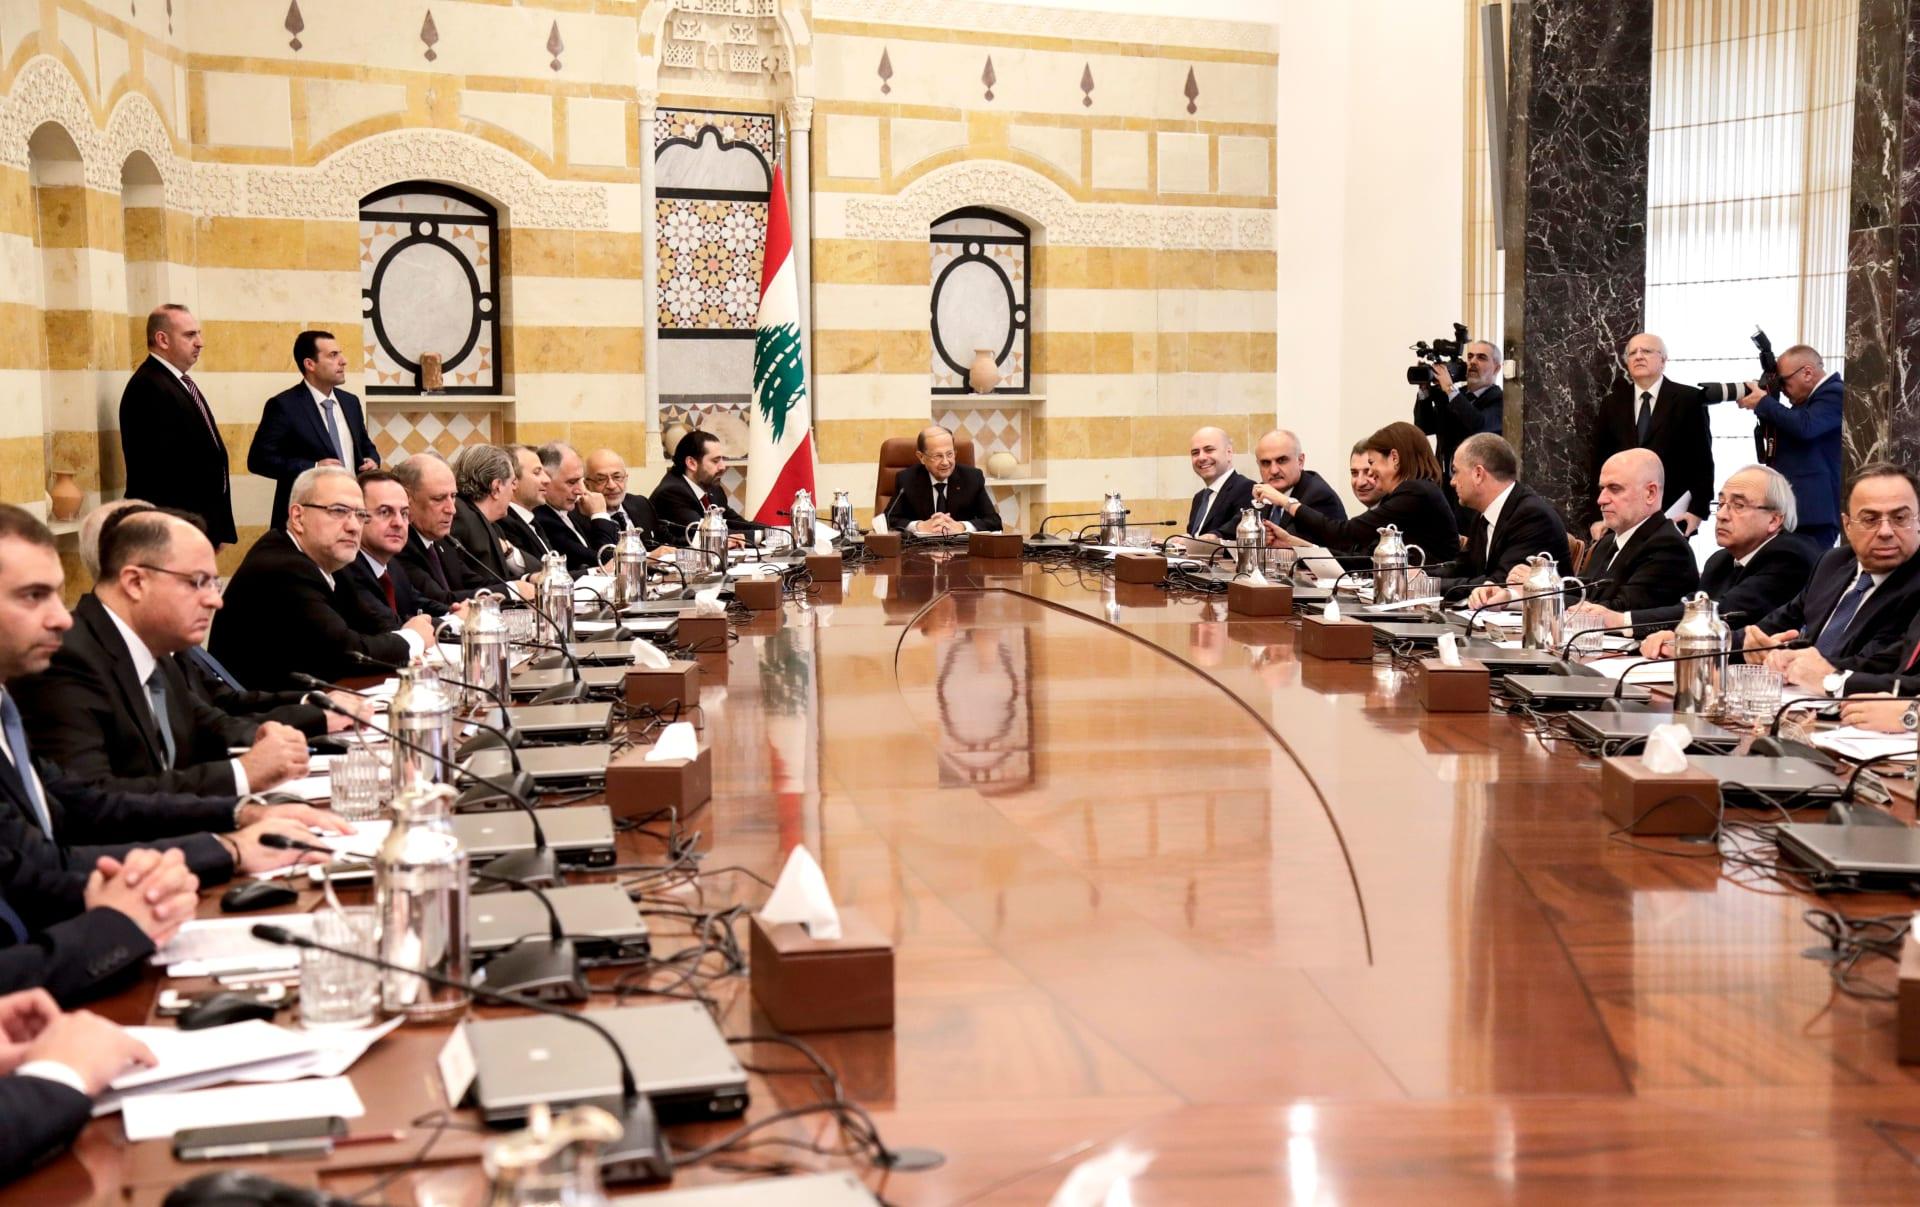 هل تنجح الحكومة في انتشال اقتصاد لبنان المتعثر؟ خبيران يجيبان لـCNN